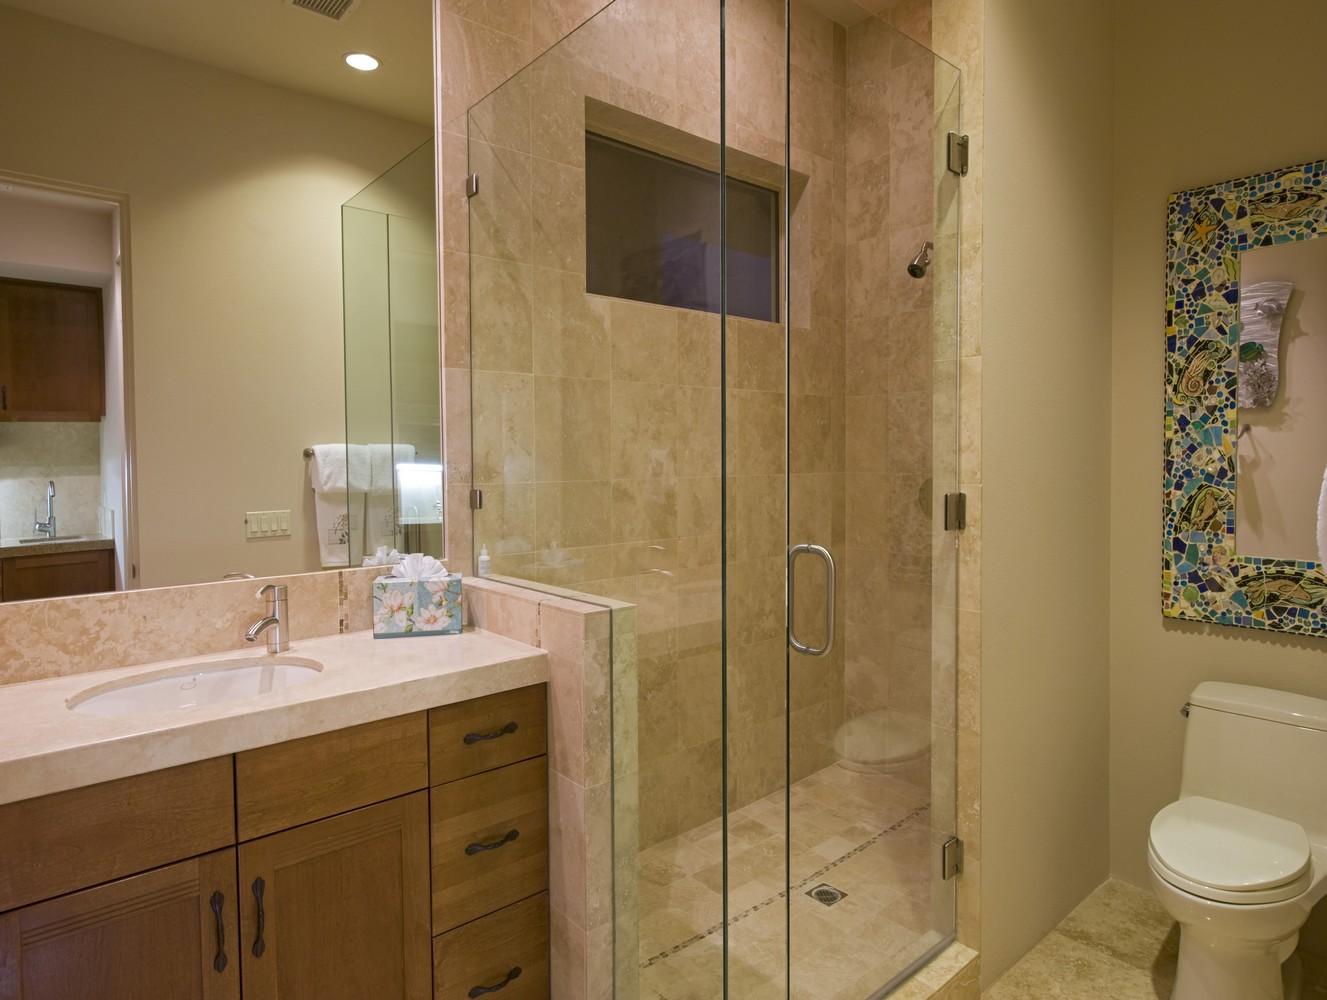 Les aides pour améliorer sa salle de bain